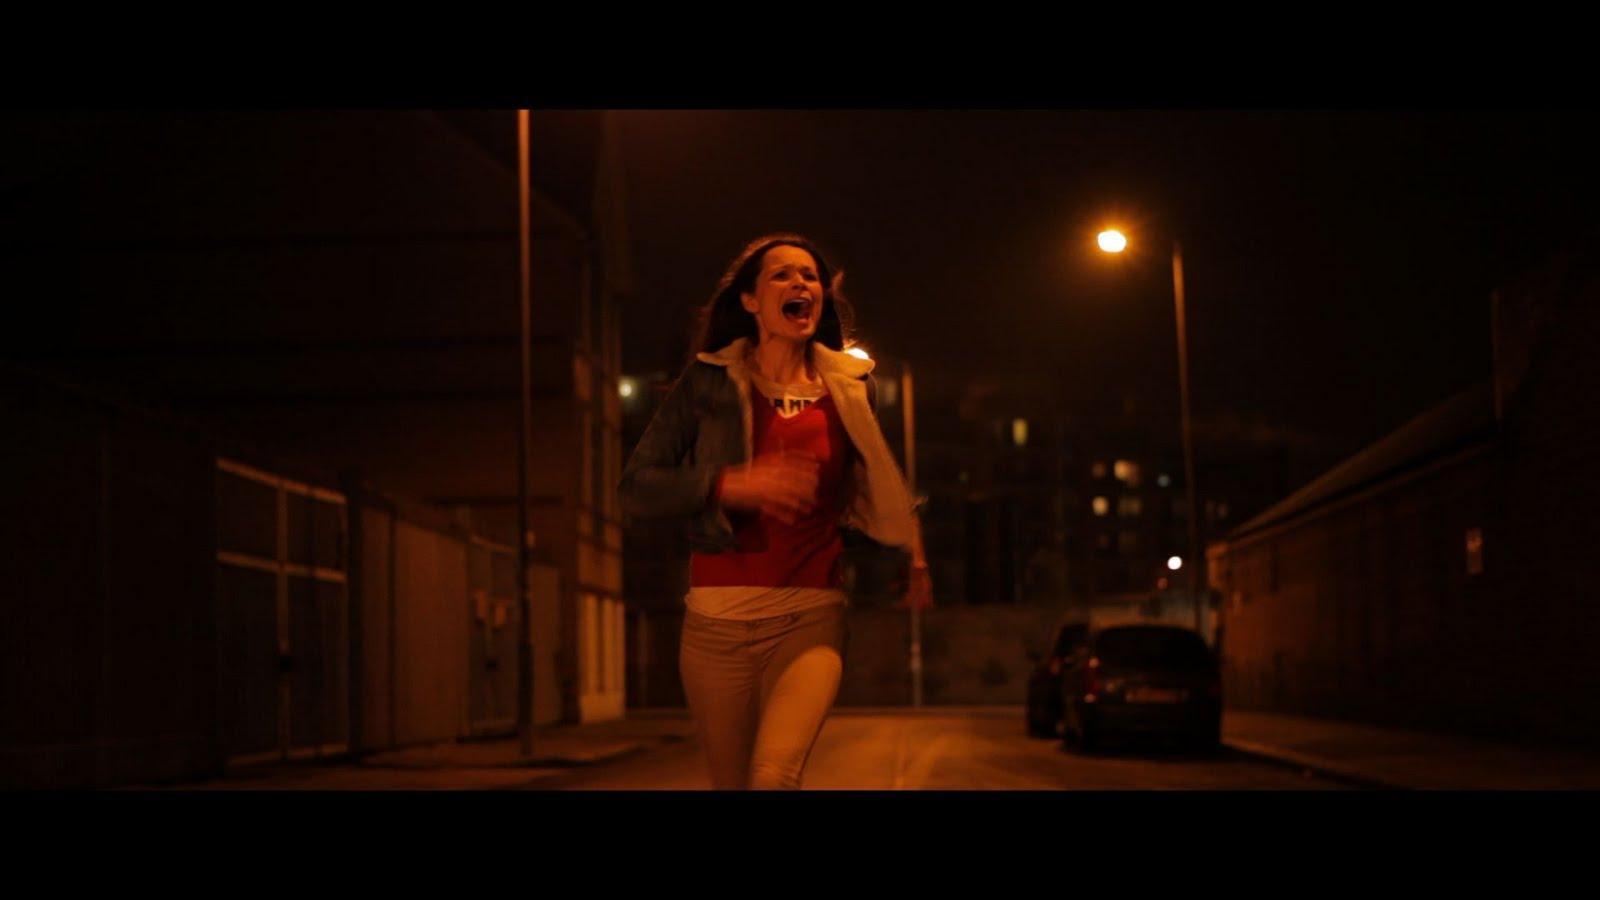 DEVMOV_Anna running